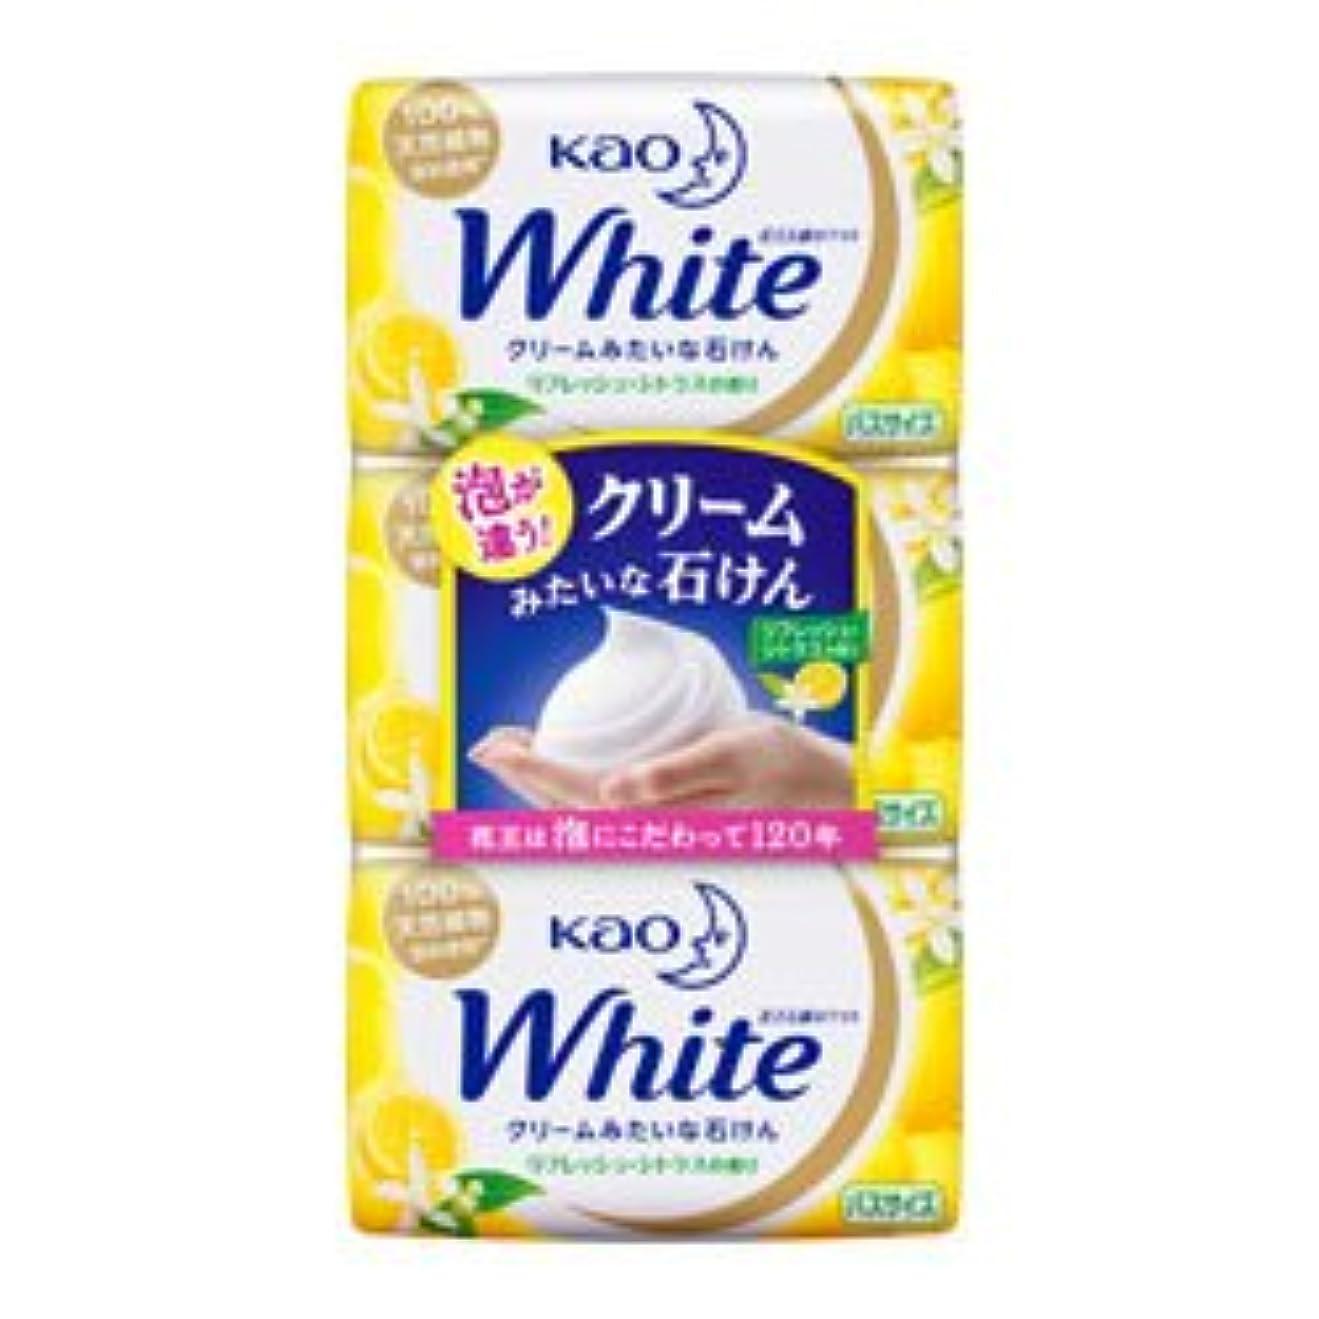 泣く誓約ジャンピングジャック【花王】ホワイト リフレッシュ?シトラスの香り バスサイズ 130g×3個入 ×20個セット